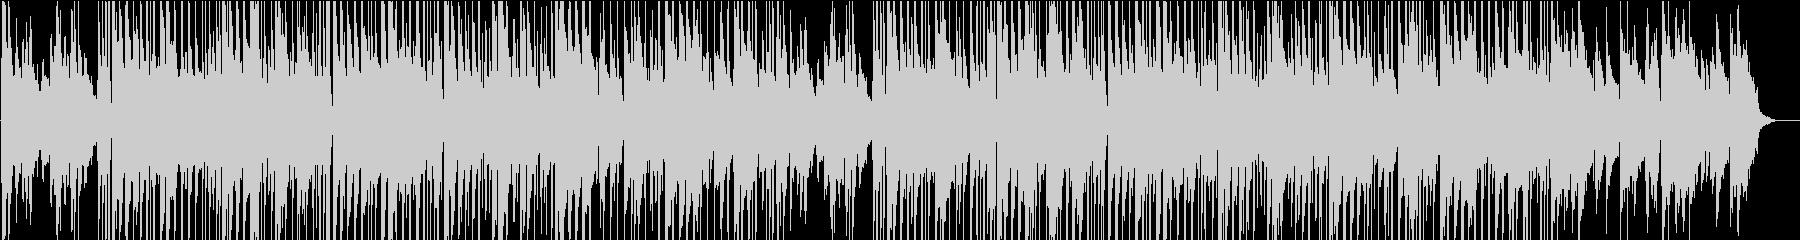 ゆったりムーディーなジャズサウンドの未再生の波形